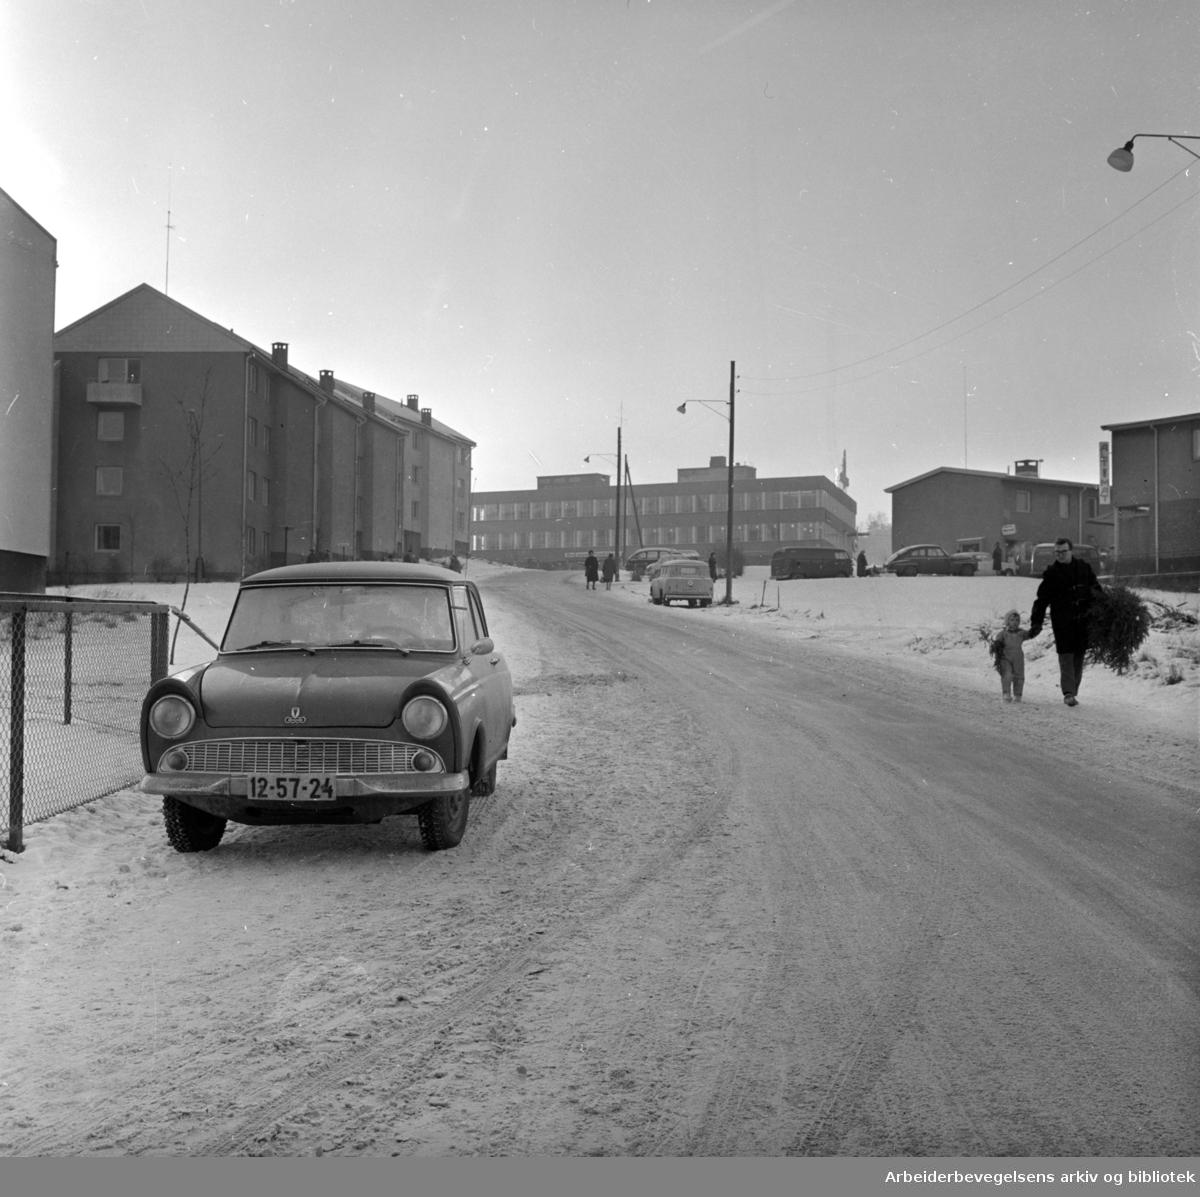 Byggveien. Sett nedenfor krysset Byggveien/ Havreveien. Desember 1965